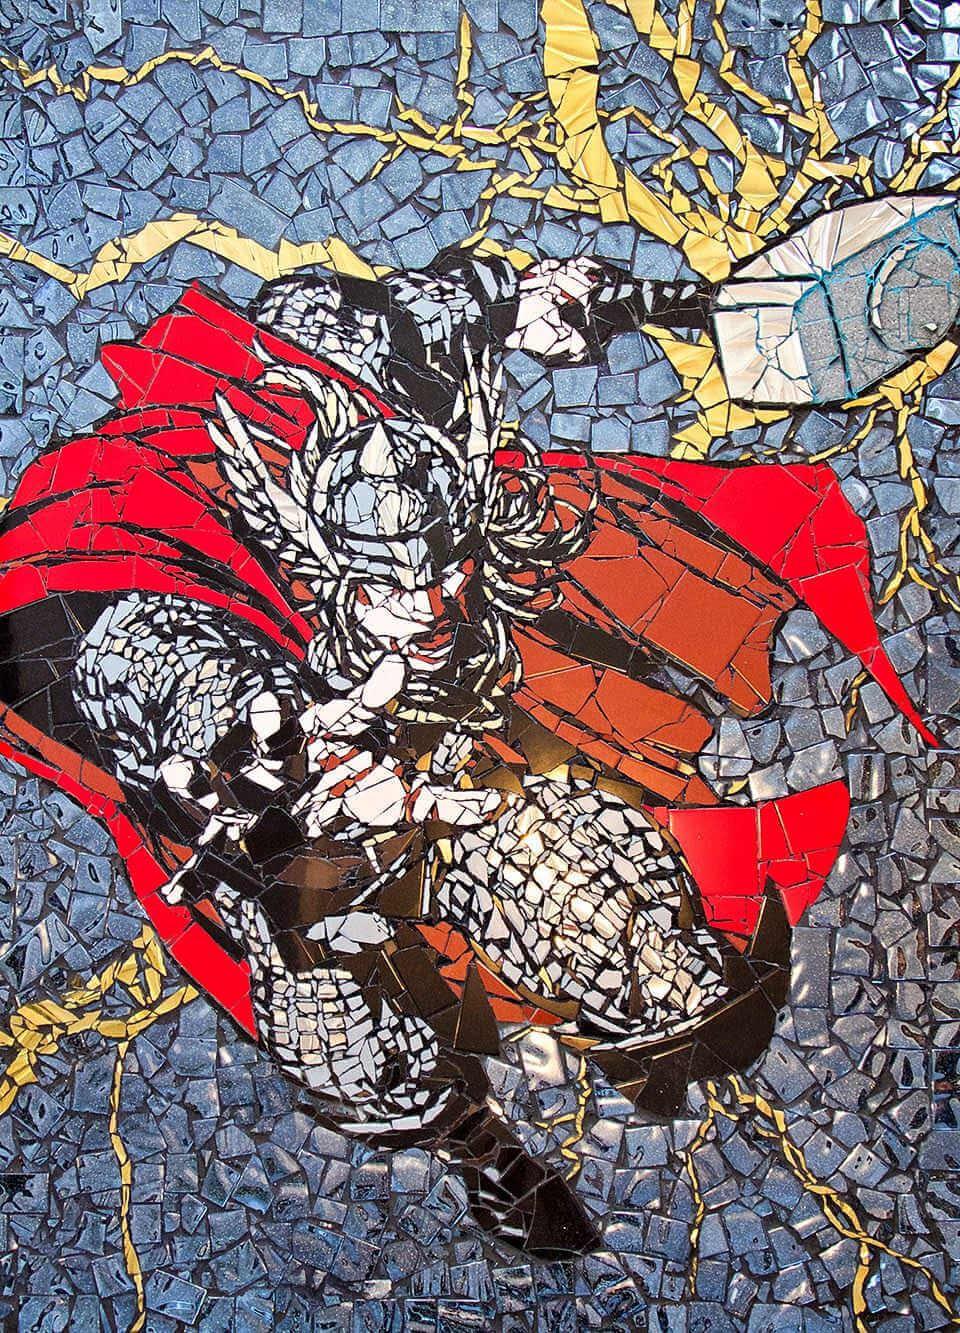 Impresionante mosaico de superheroe thor